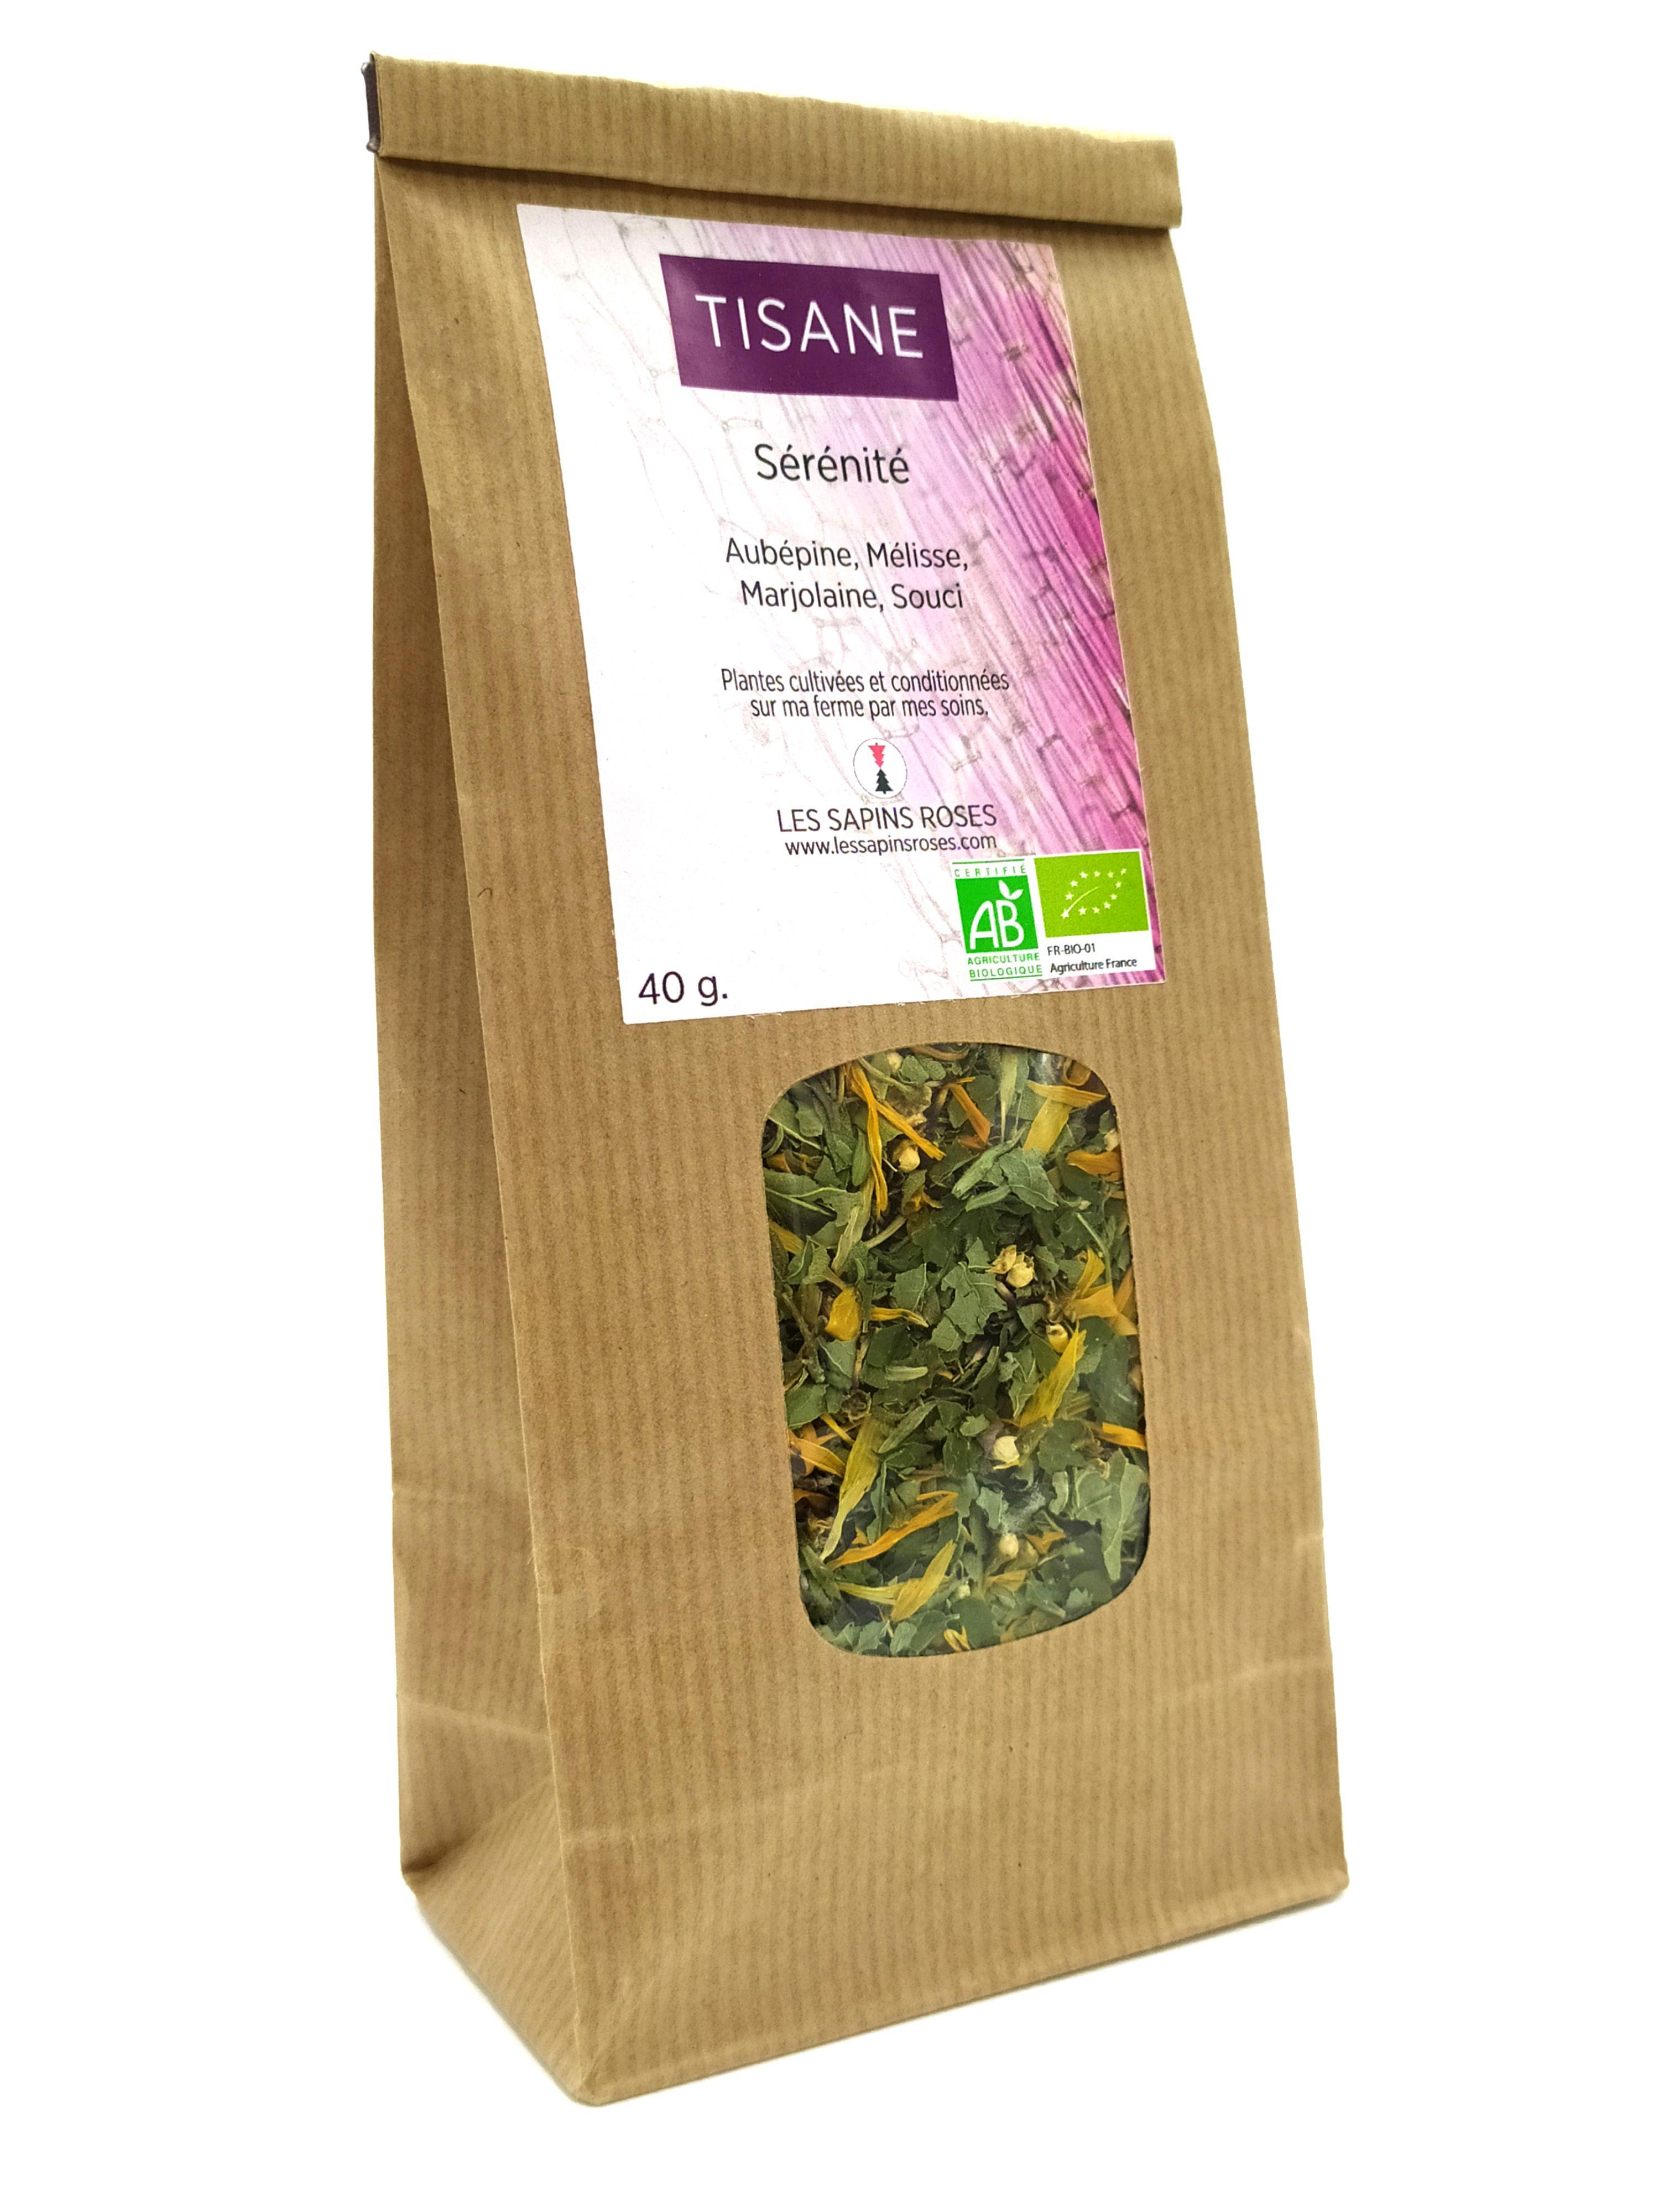 Tisane sérénité Les Sapins Roses